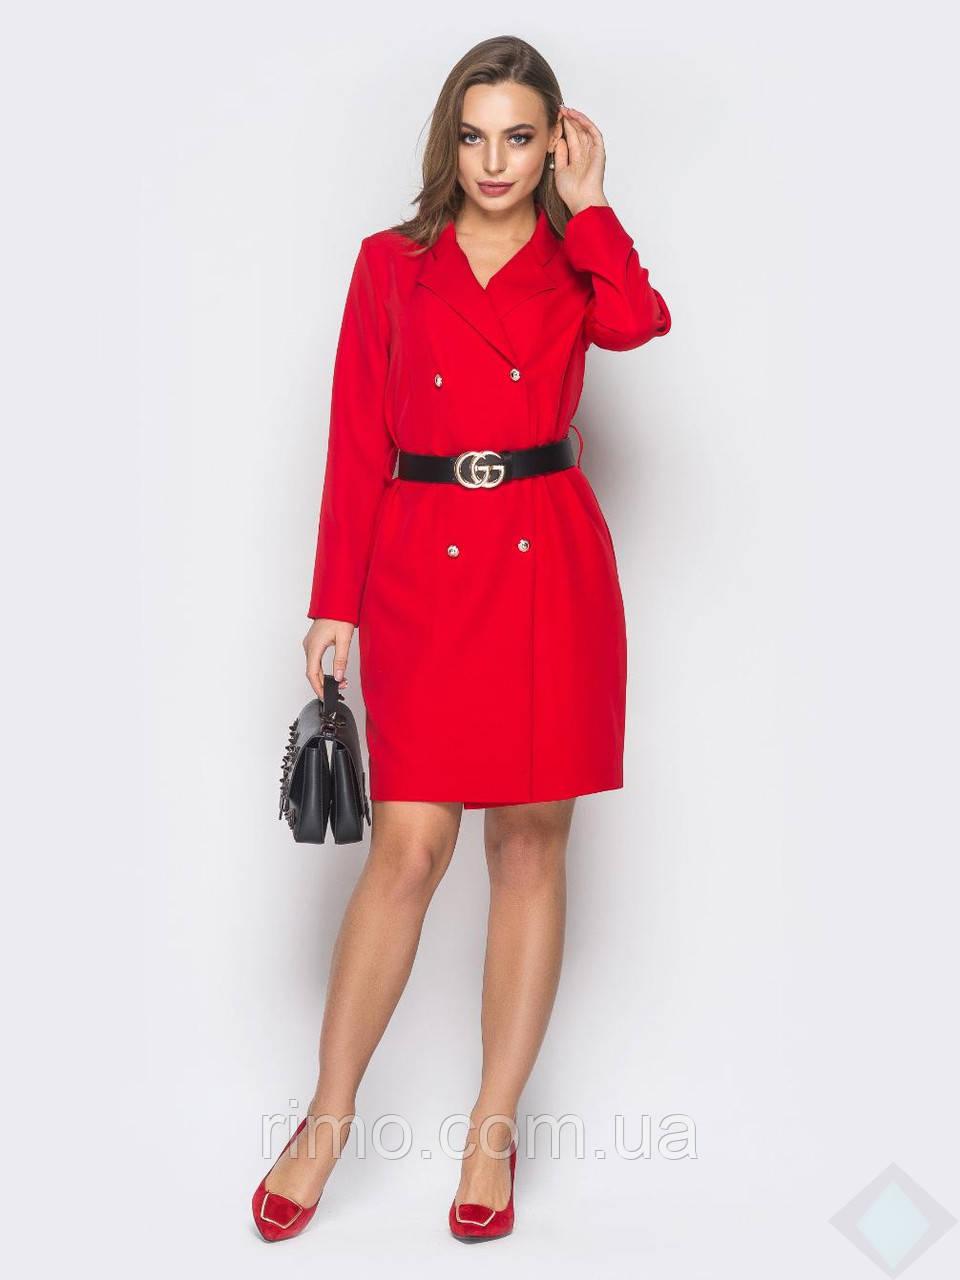 Платье-кардиган Ирис красный